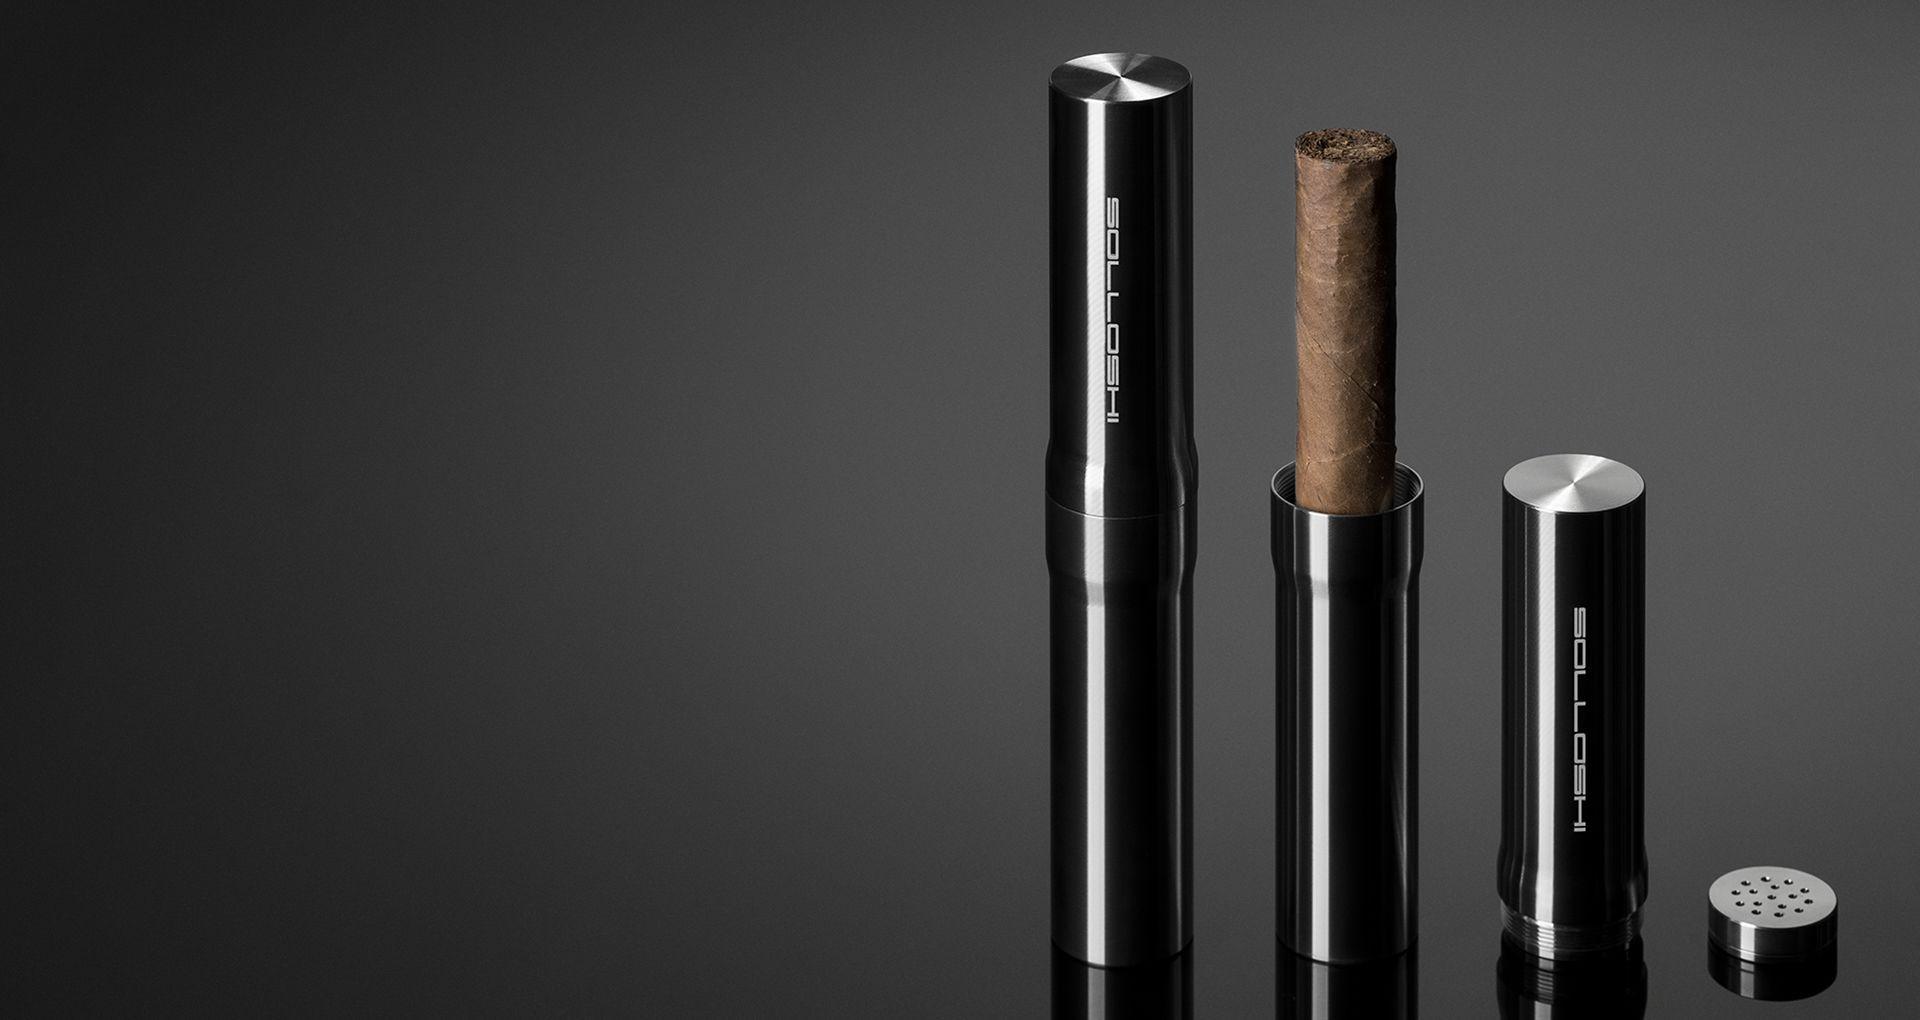 10-idées-cadeaux-pour-les-amateurs-de-cigares-tube-à-cigare-Tethys-par-Solloshi-effronté-01